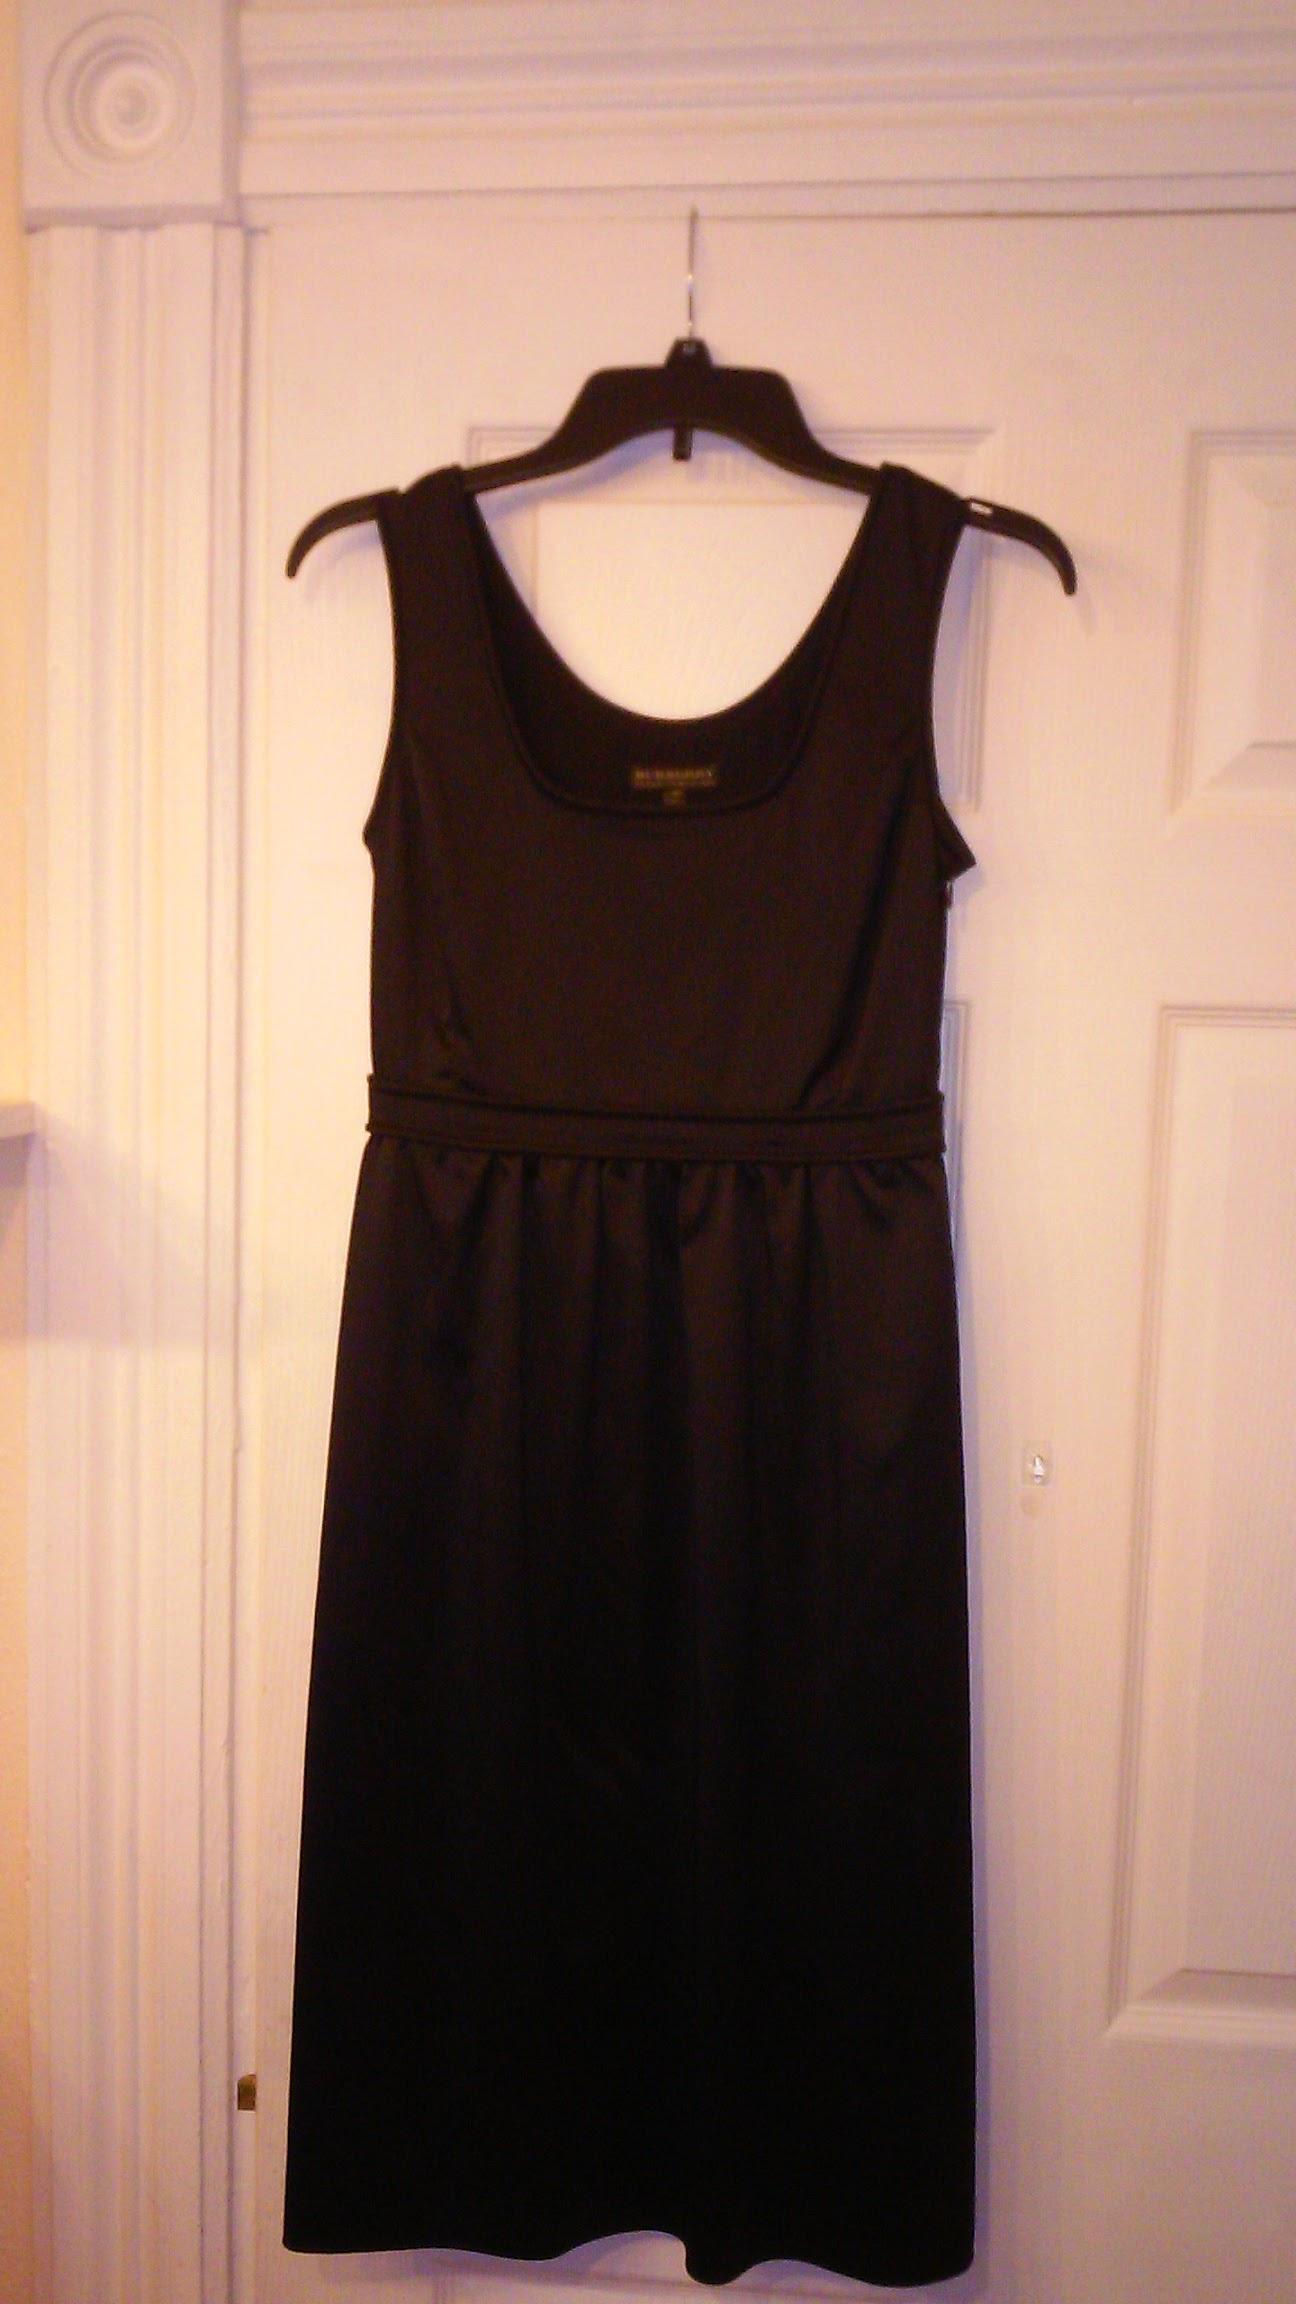 Formal Dresses Consignment Denver - Holiday Dresses